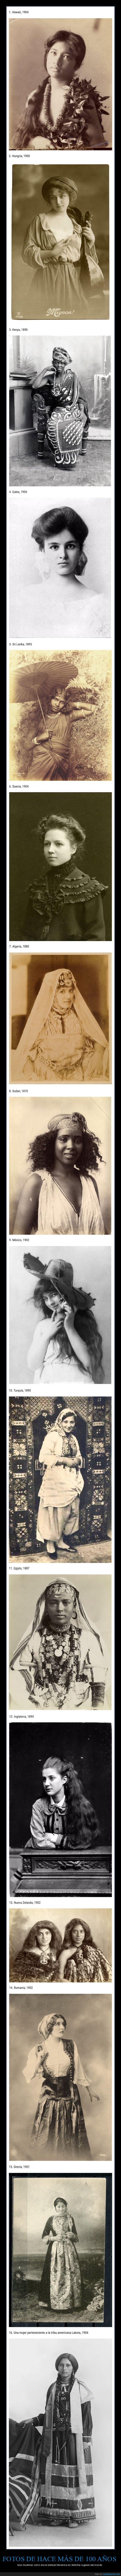 100 años,belleza,mujeres,retro